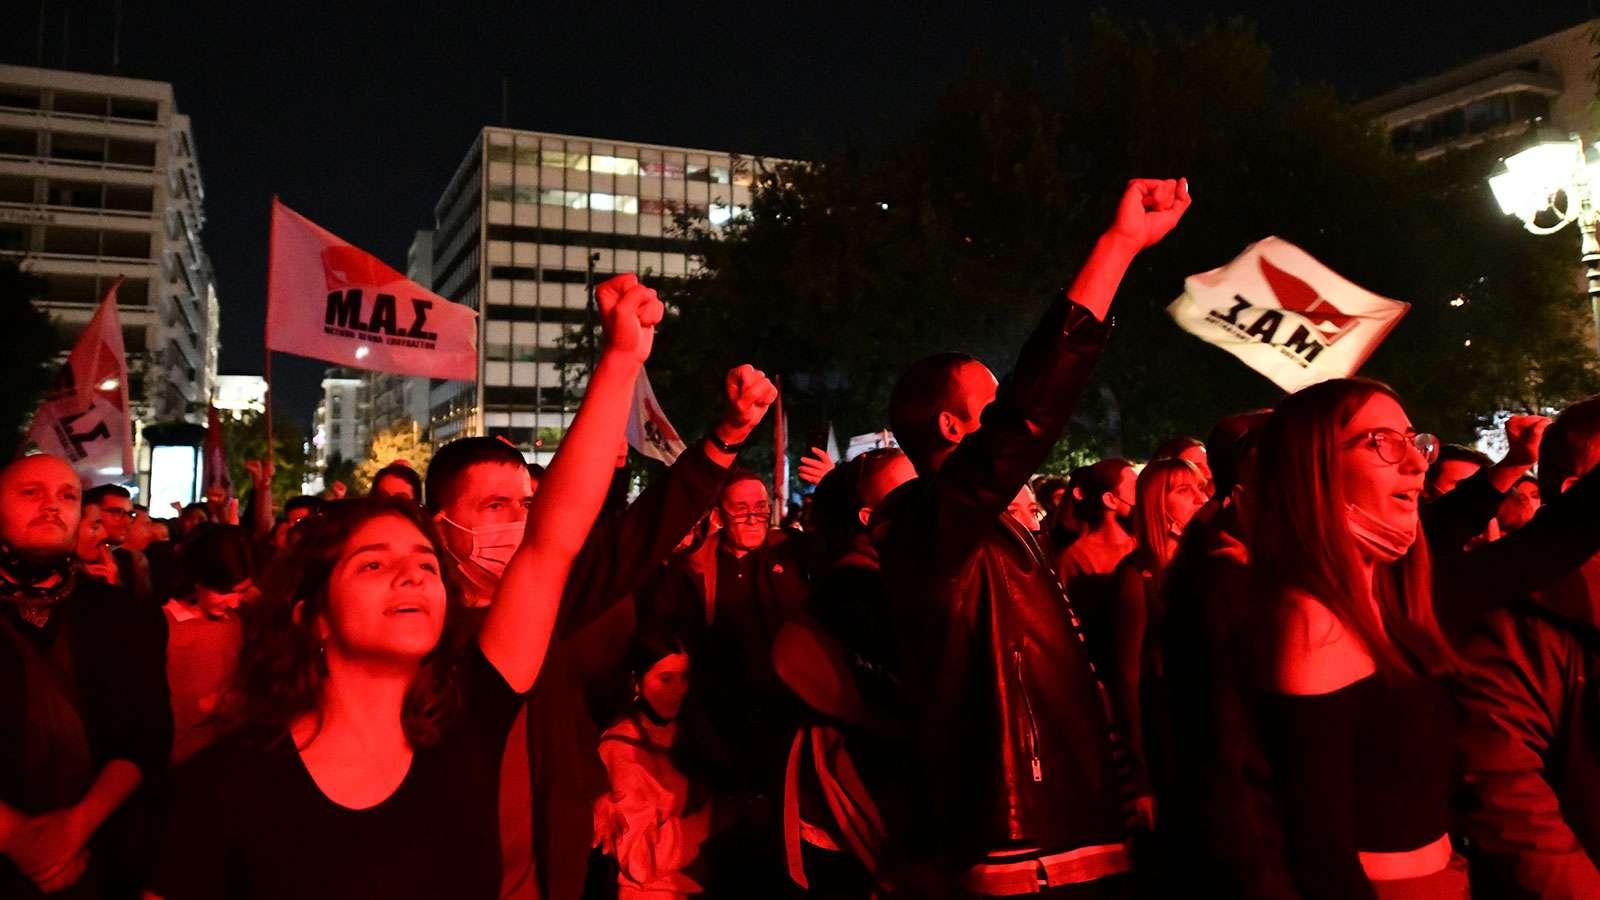 Μεγάλη Αντιφασιστική Συναυλία στο Σύνταγμα «Δεν ξεχνάμε! Το φασισμό και το σύστημα που τον γεννά πολεμάμε!»